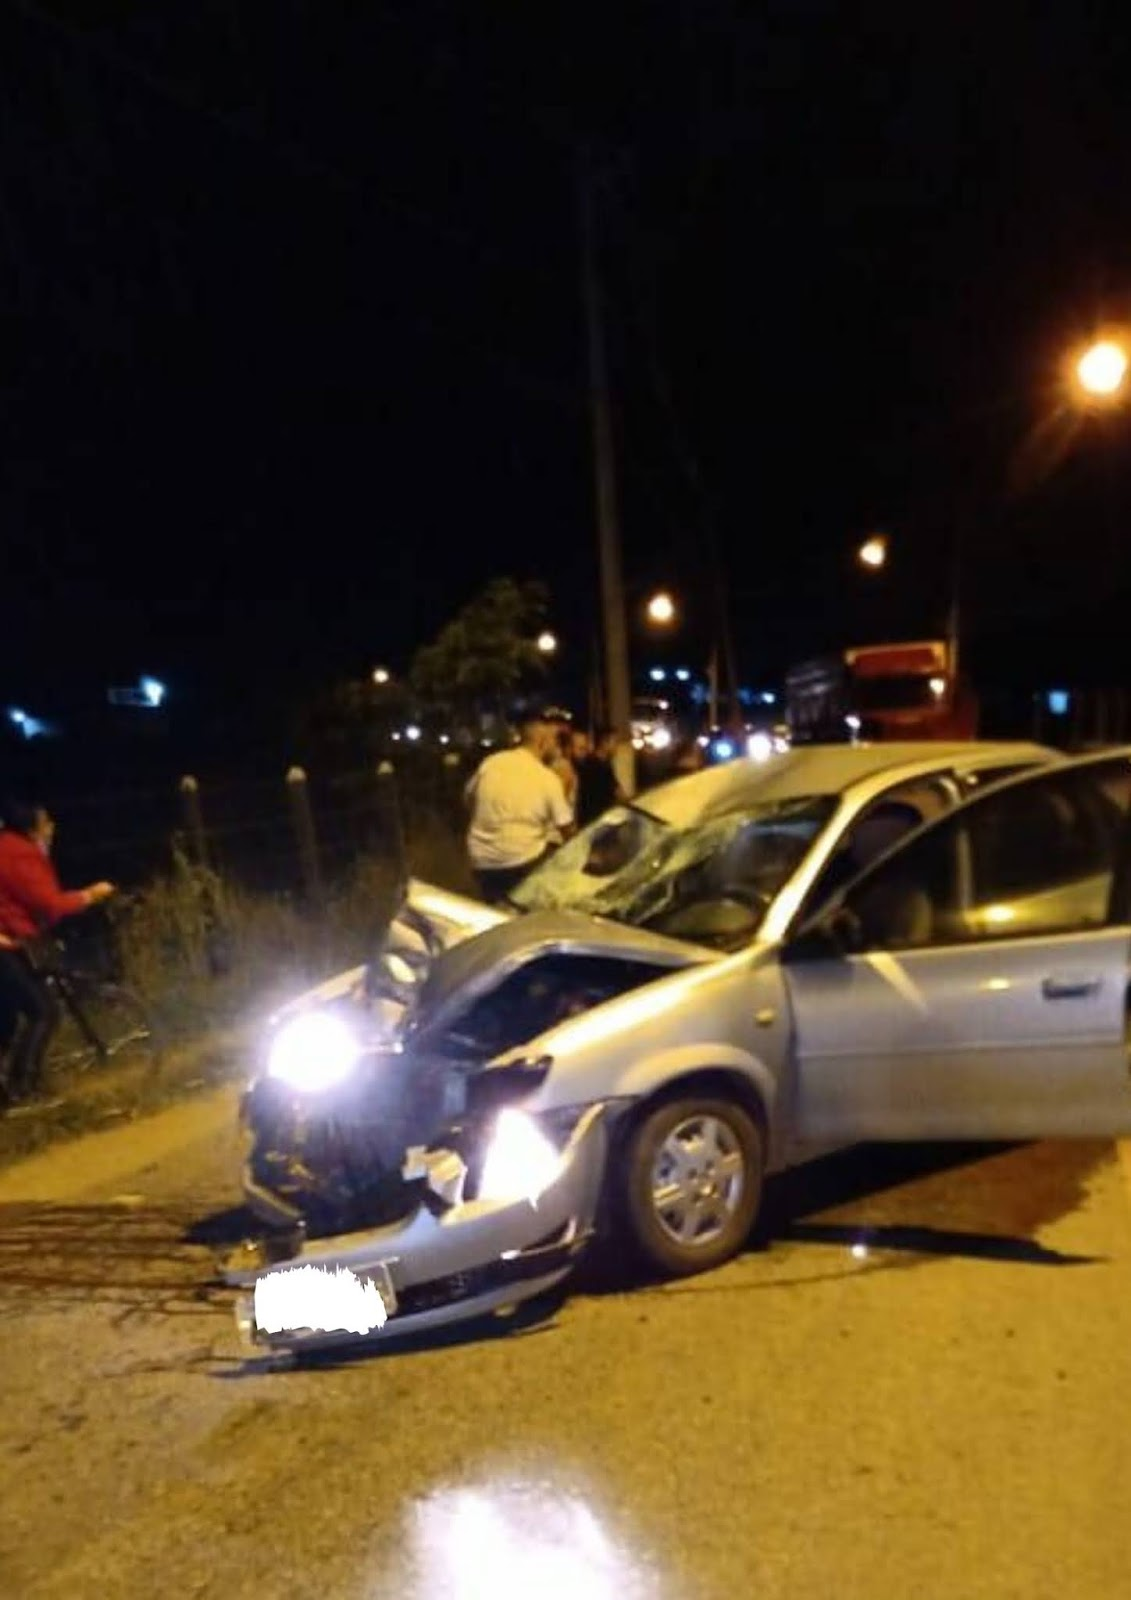 Acidente com vítima fatal em Itajubá-MG, próximo a Imbel. 15